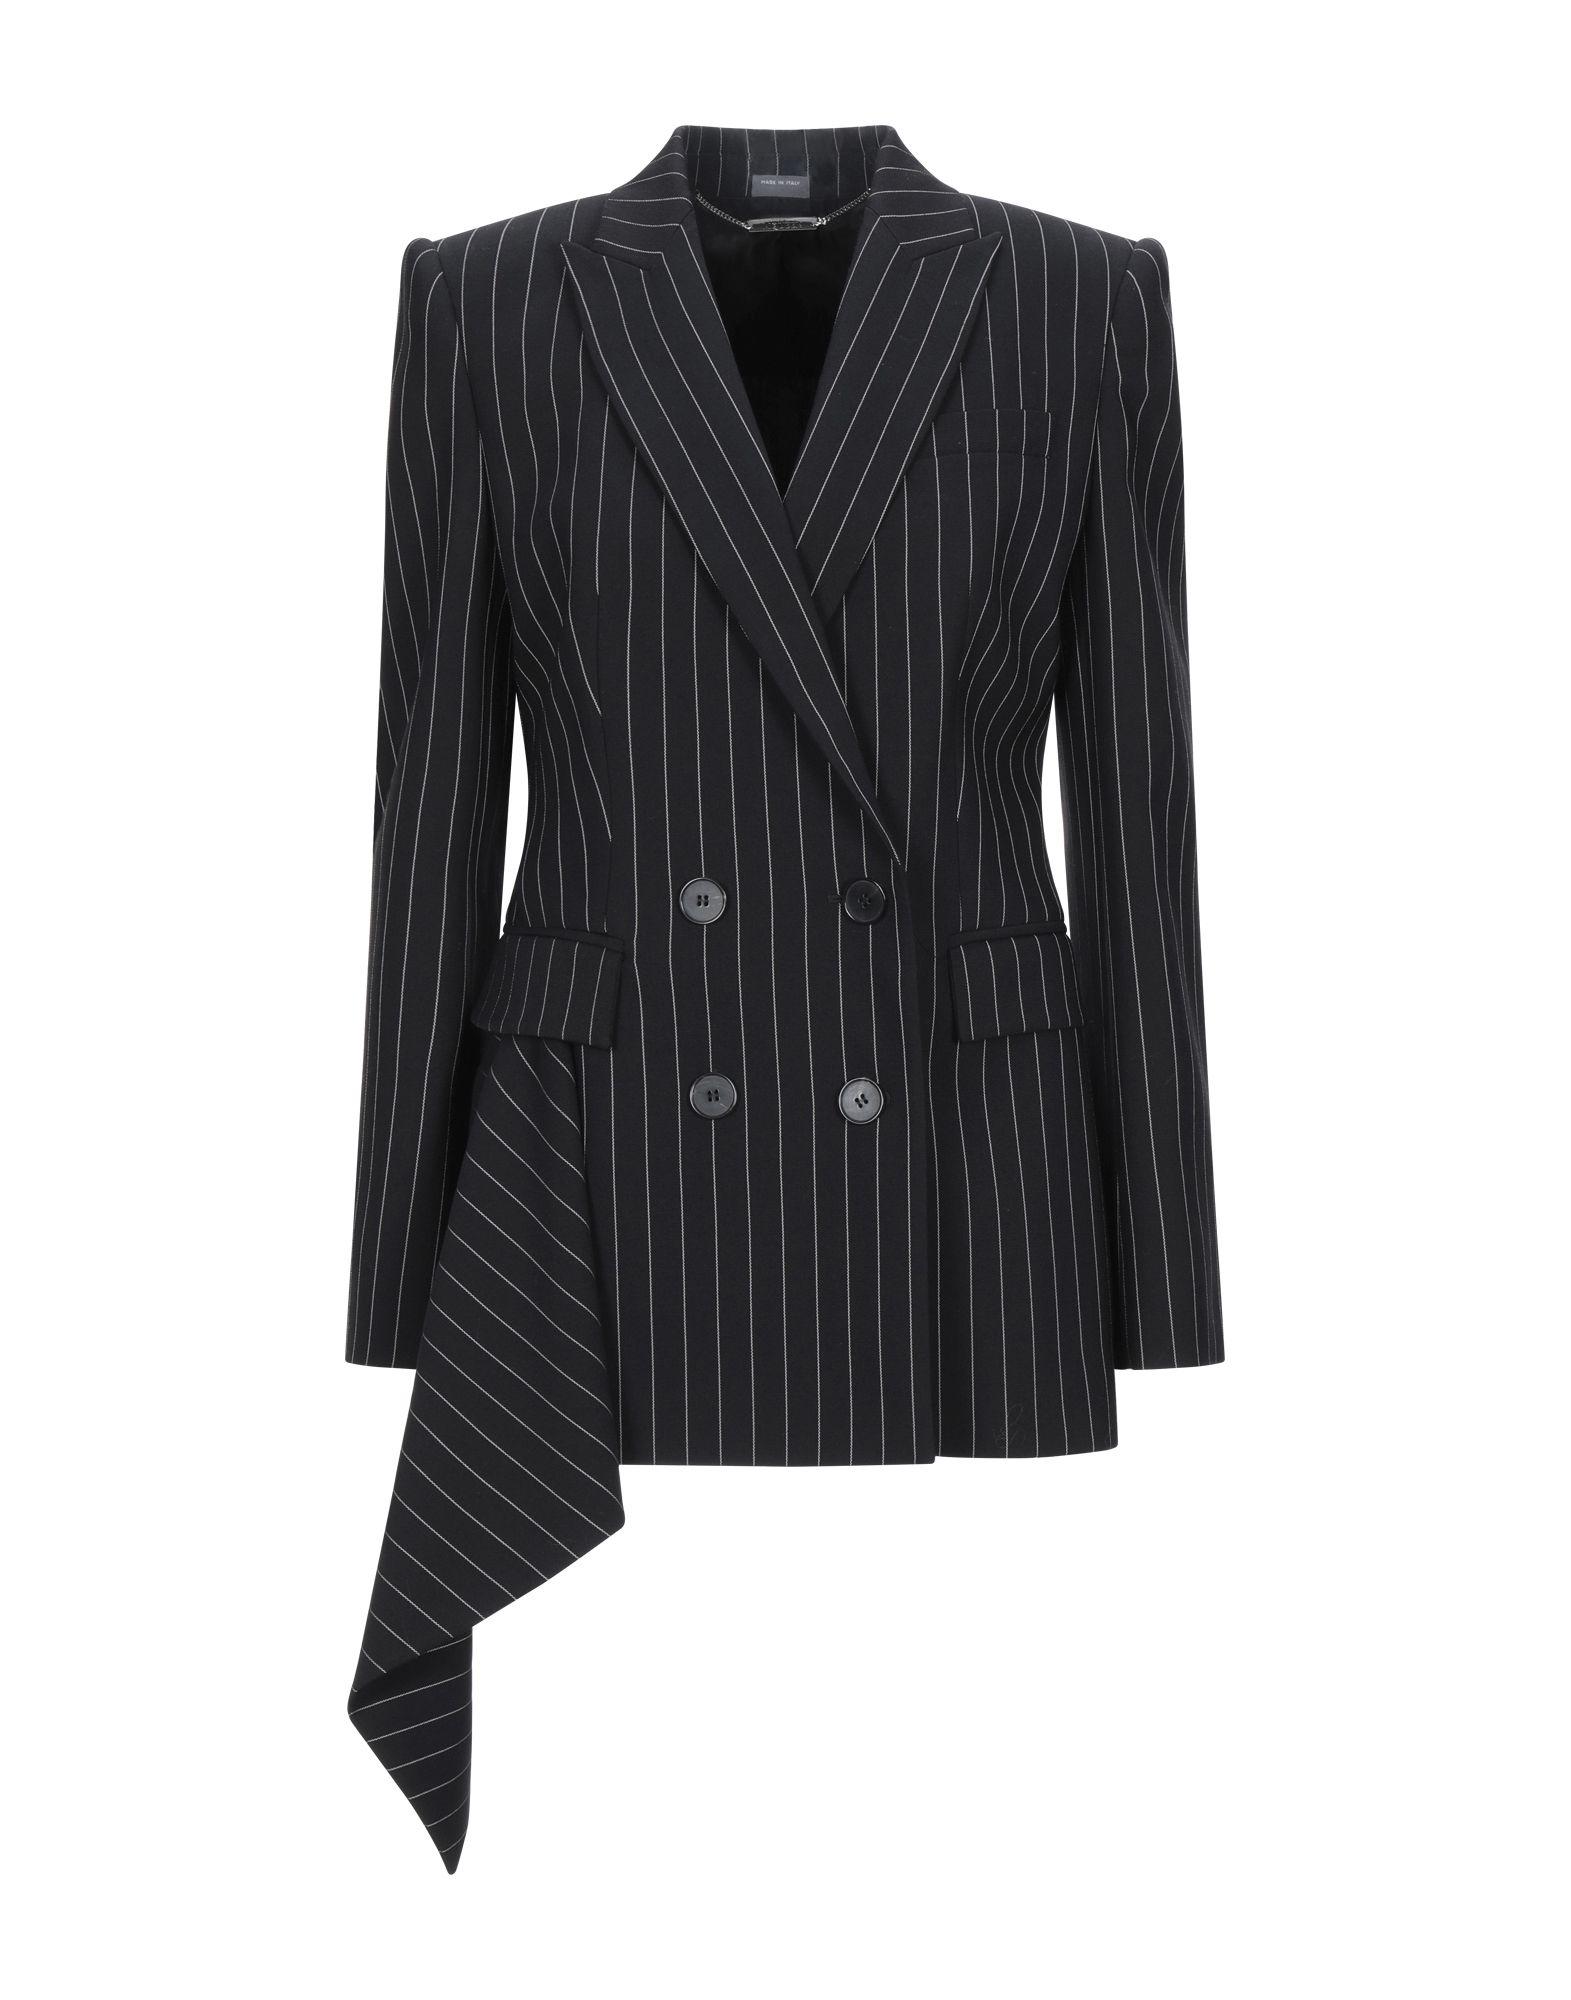 ALEXANDER MCQUEEN Suit jackets - Item 49579168